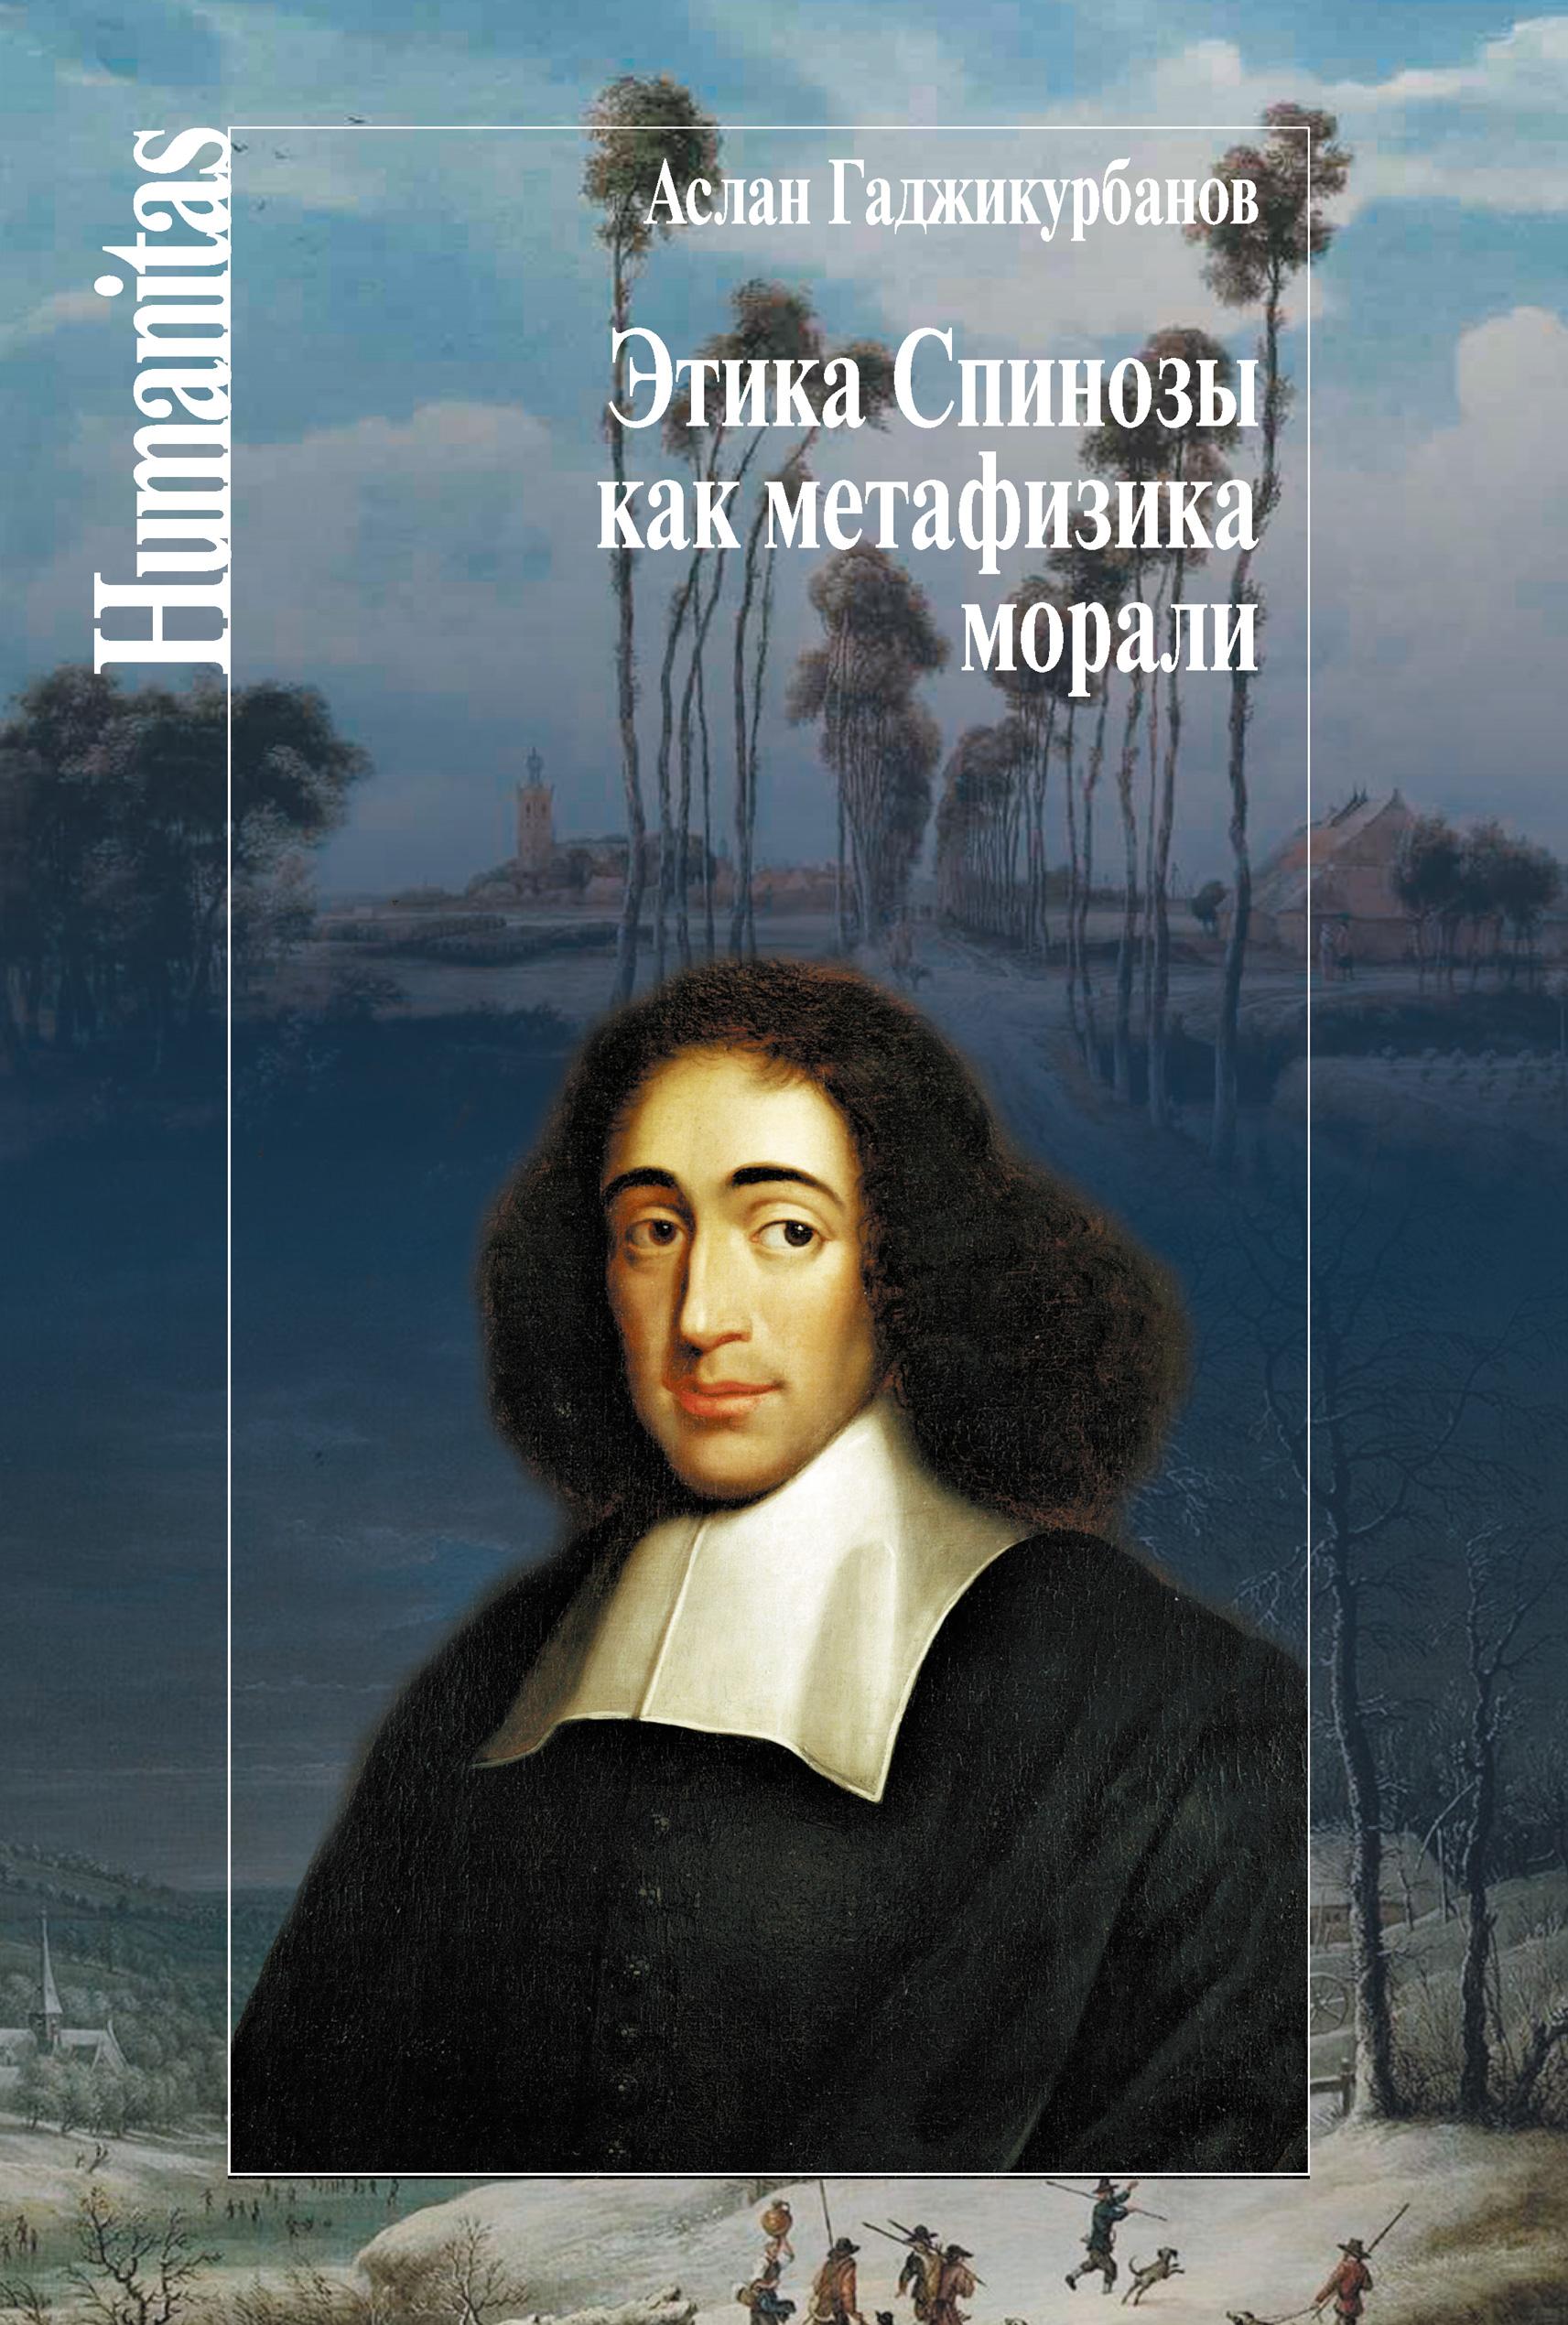 Аслан Гаджикурбанов Этика Спинозы как метафизика морали гаджикурбанов а этика спинозы как метафизика морали